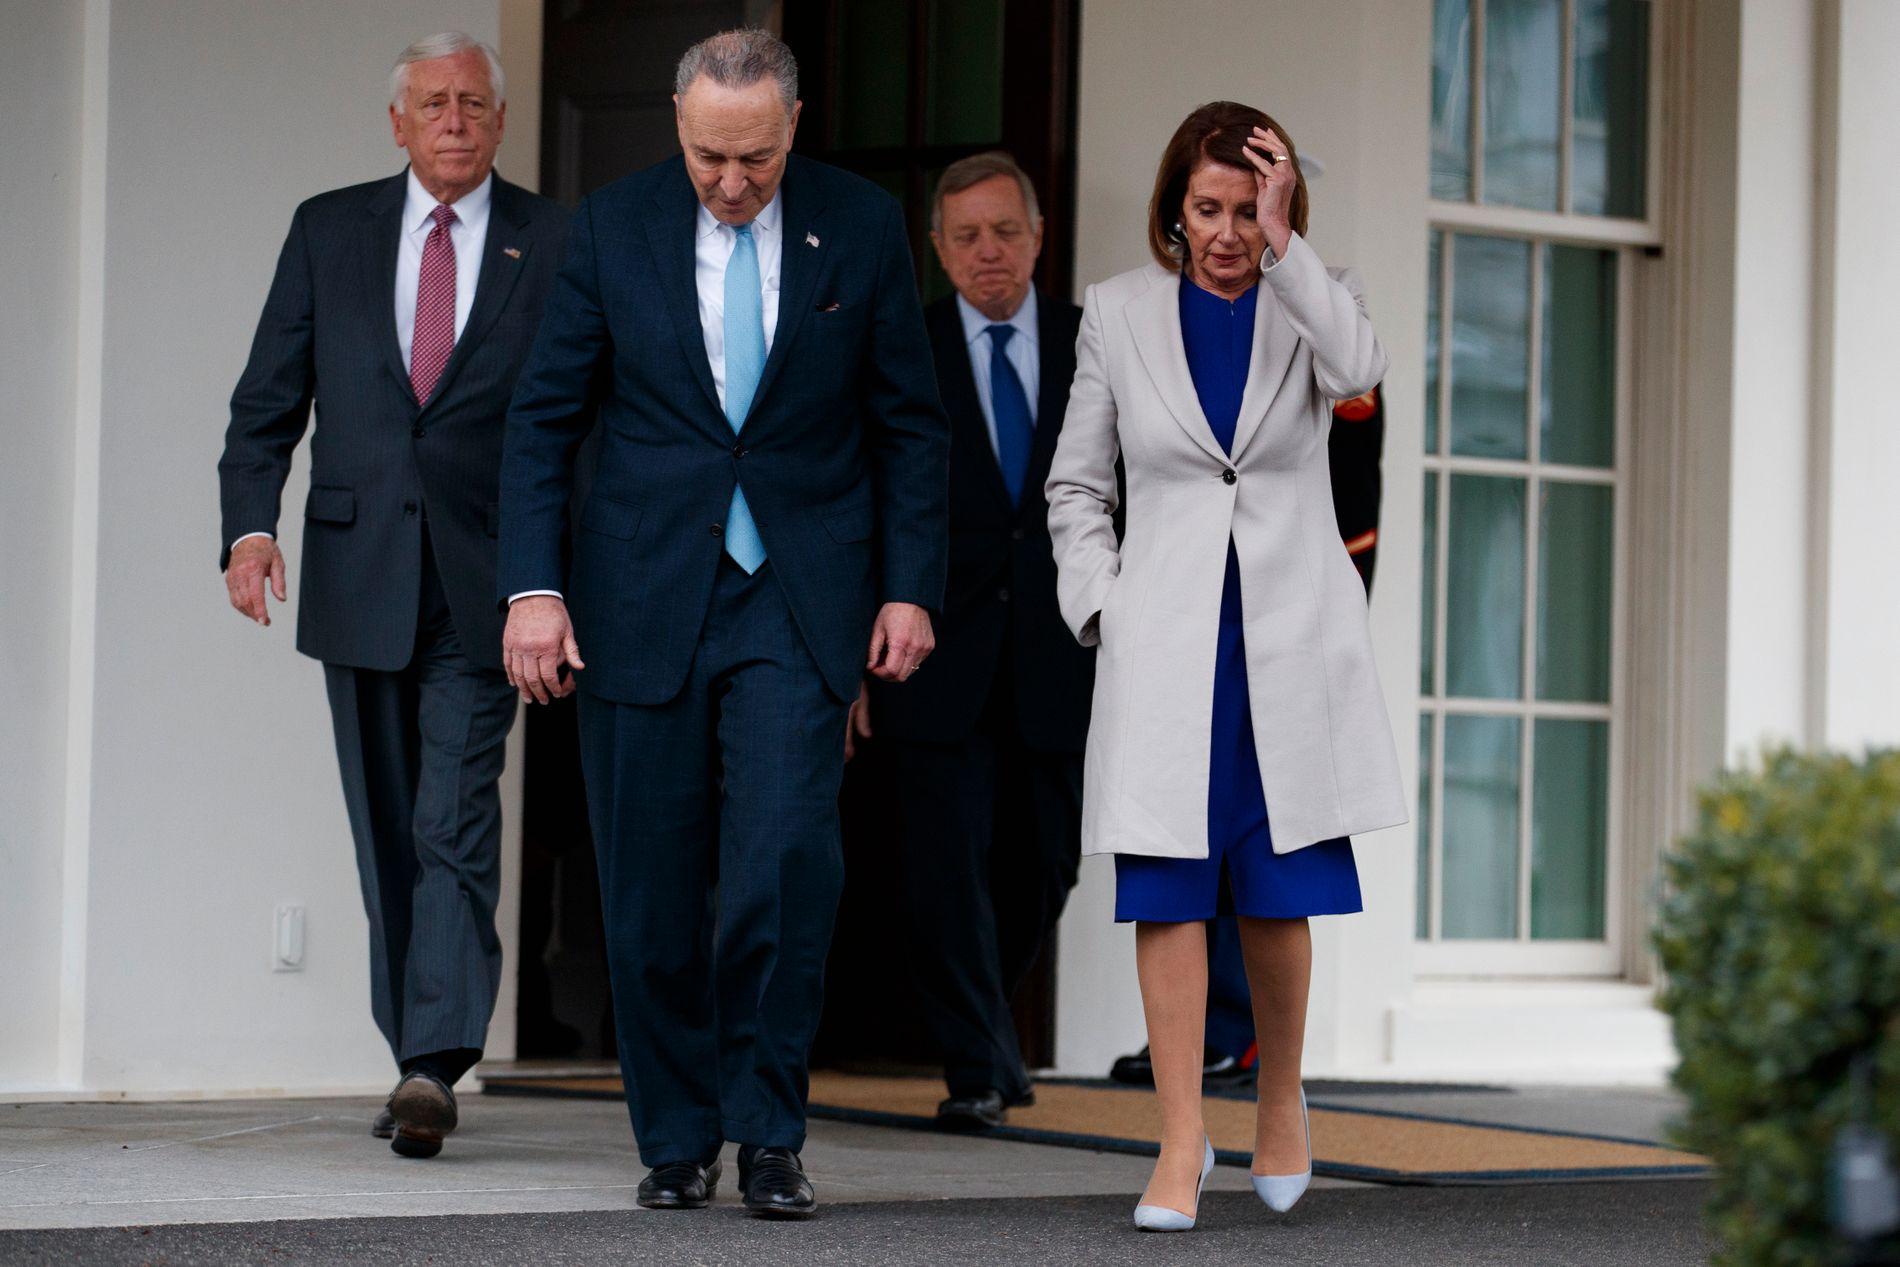 VIL AT MUELLER VITNER: Demokratenes leder i Senatet, Chuck Schumer og Nancy Pelosi, leder i Representantenes hus vil at spesialetterforsker Robert Mueller skal vitne for Kongressen.